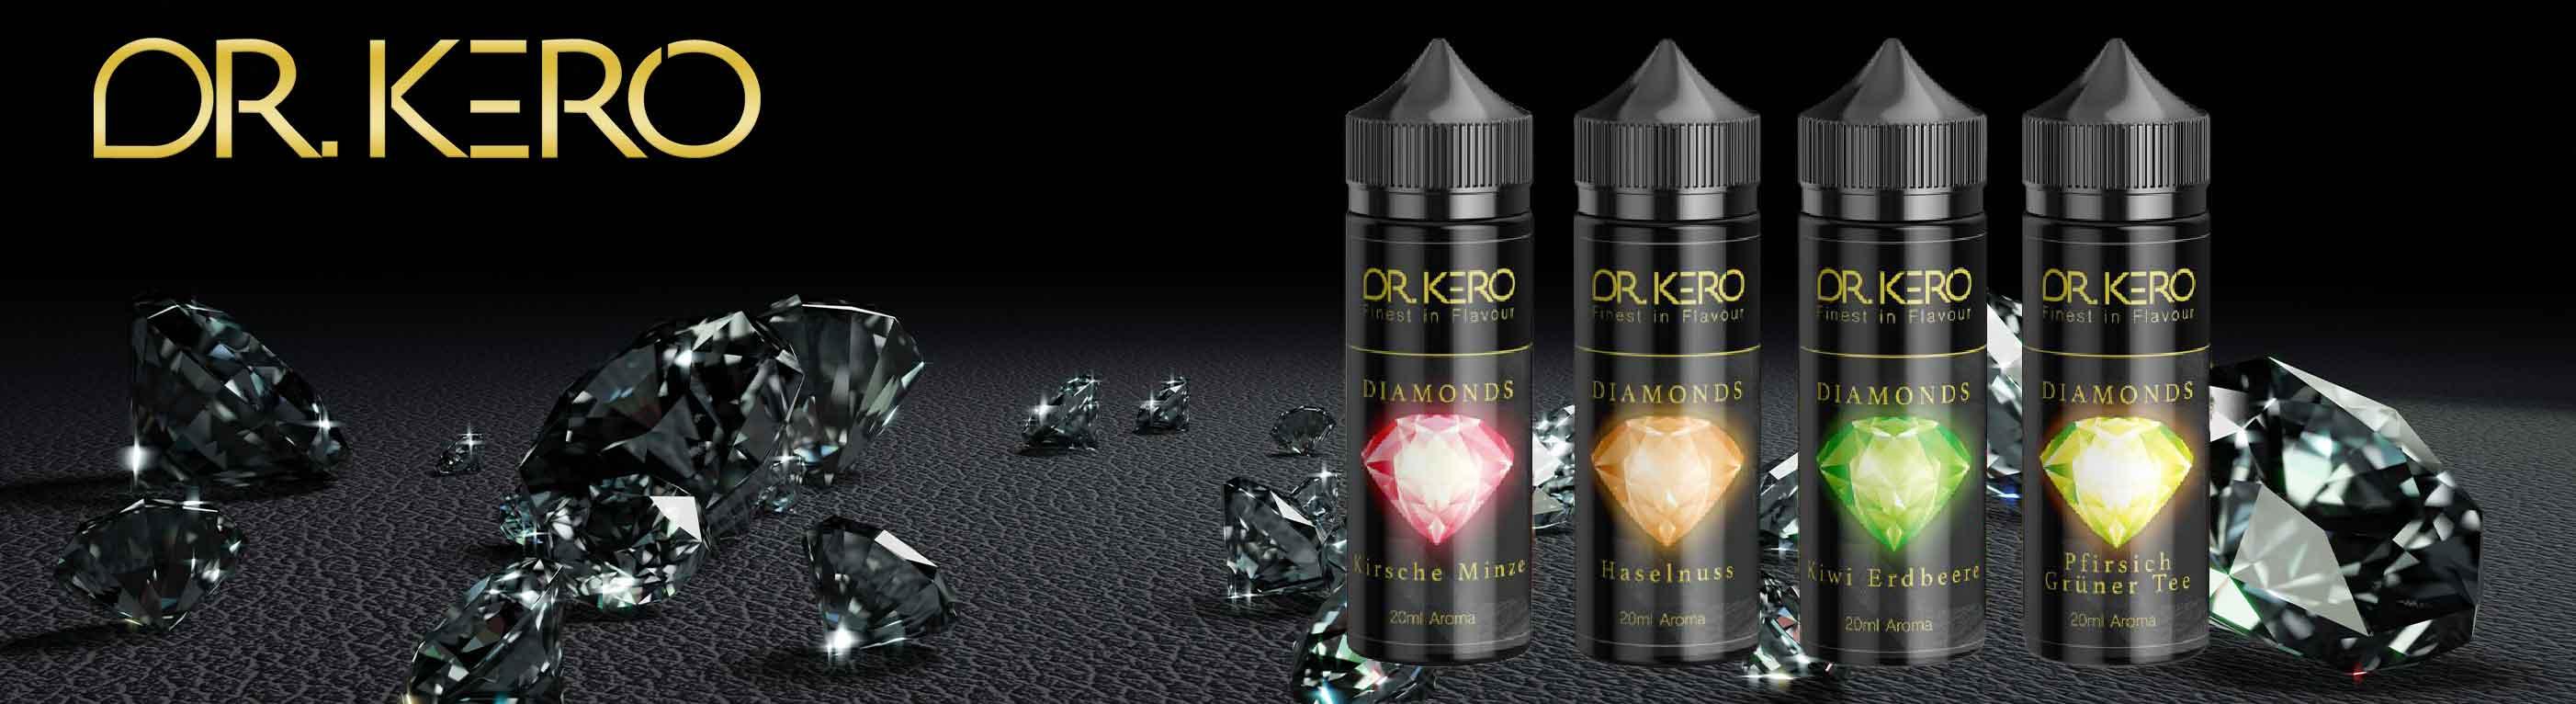 Dr-Kero-Diamonds-Banner-WEBsiU0pr10fsjfN